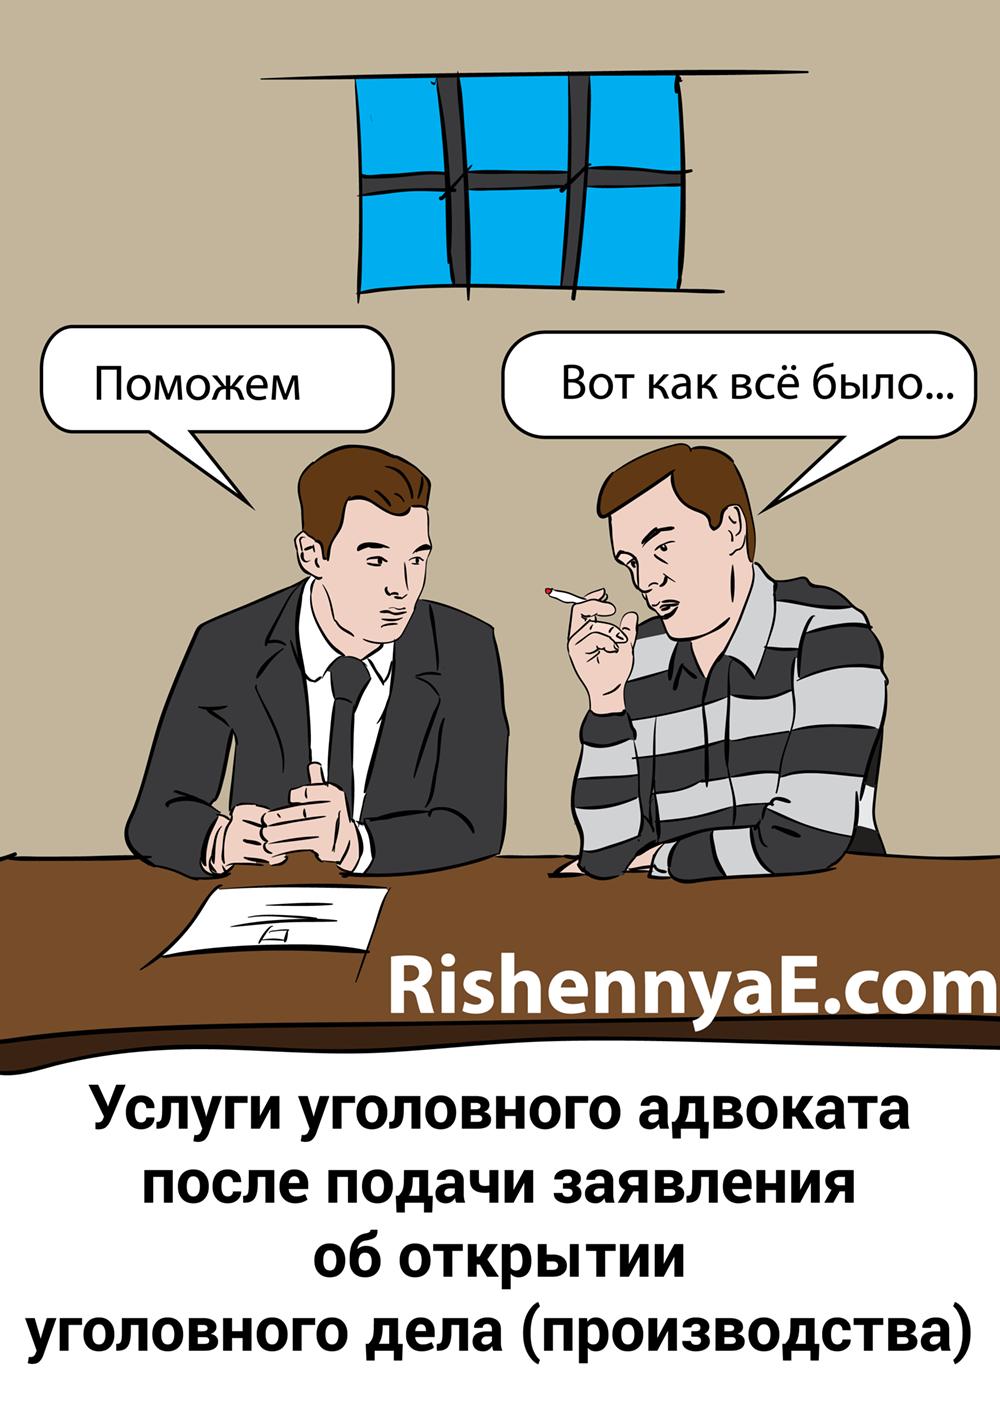 Услуги уголовного адвоката после подачи заявления об открытии уголовного дела (производства) http://rishennyae.com